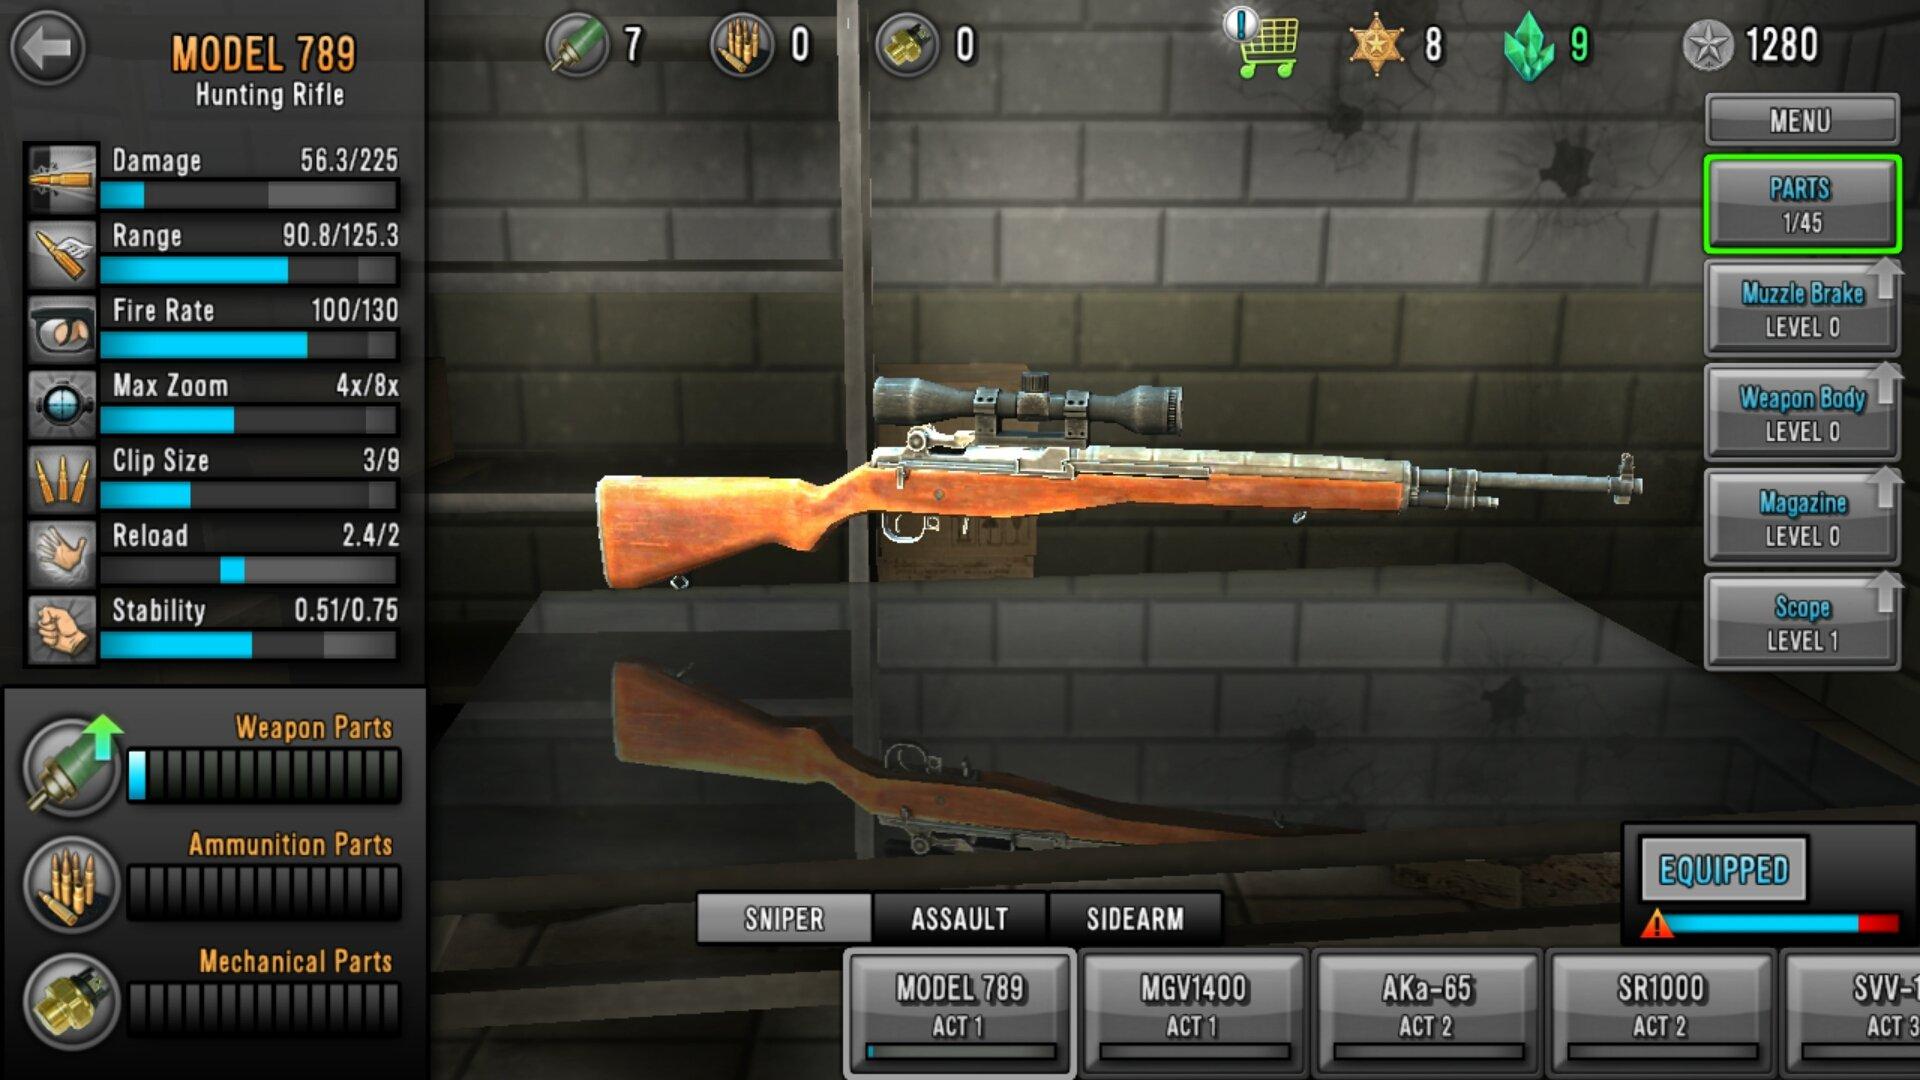 МОД: Бесконечные ресурсы, Много денег] Last Hope Sniper: Zombie War